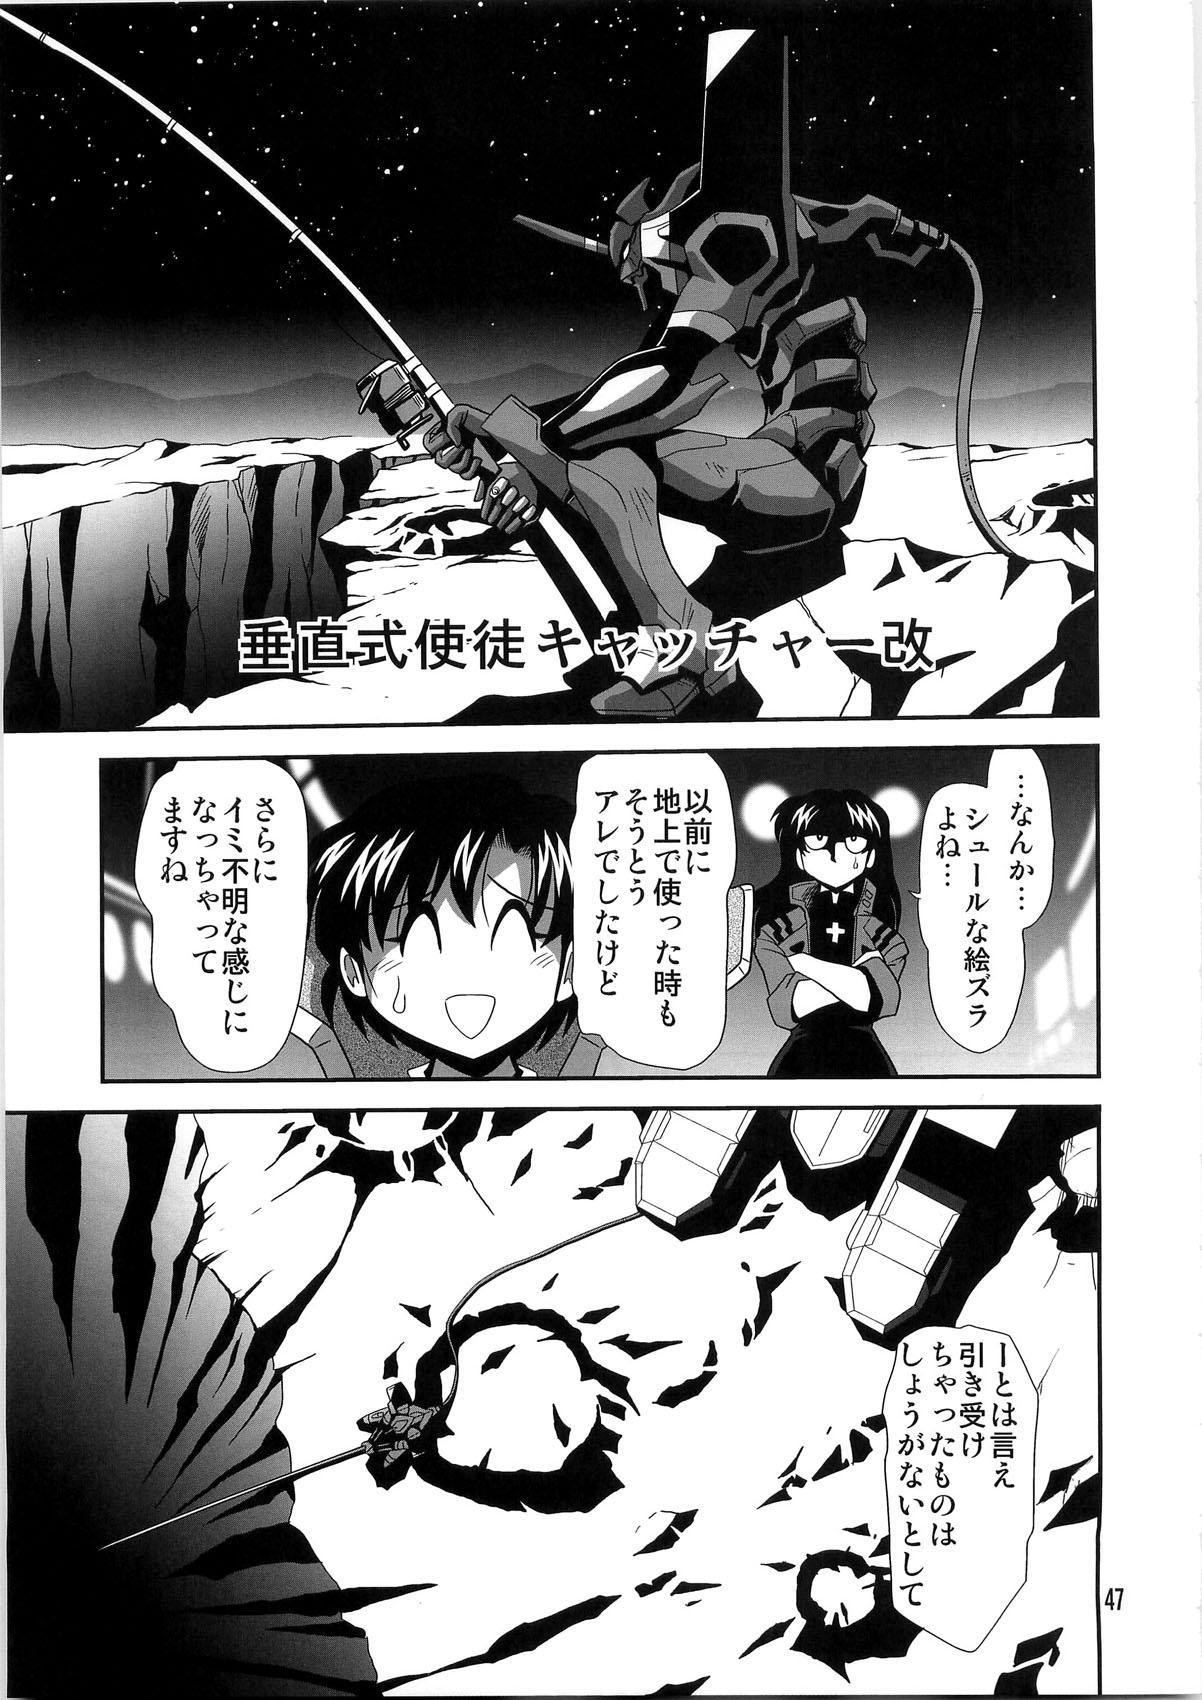 Second Uchuu Keikaku 4 46